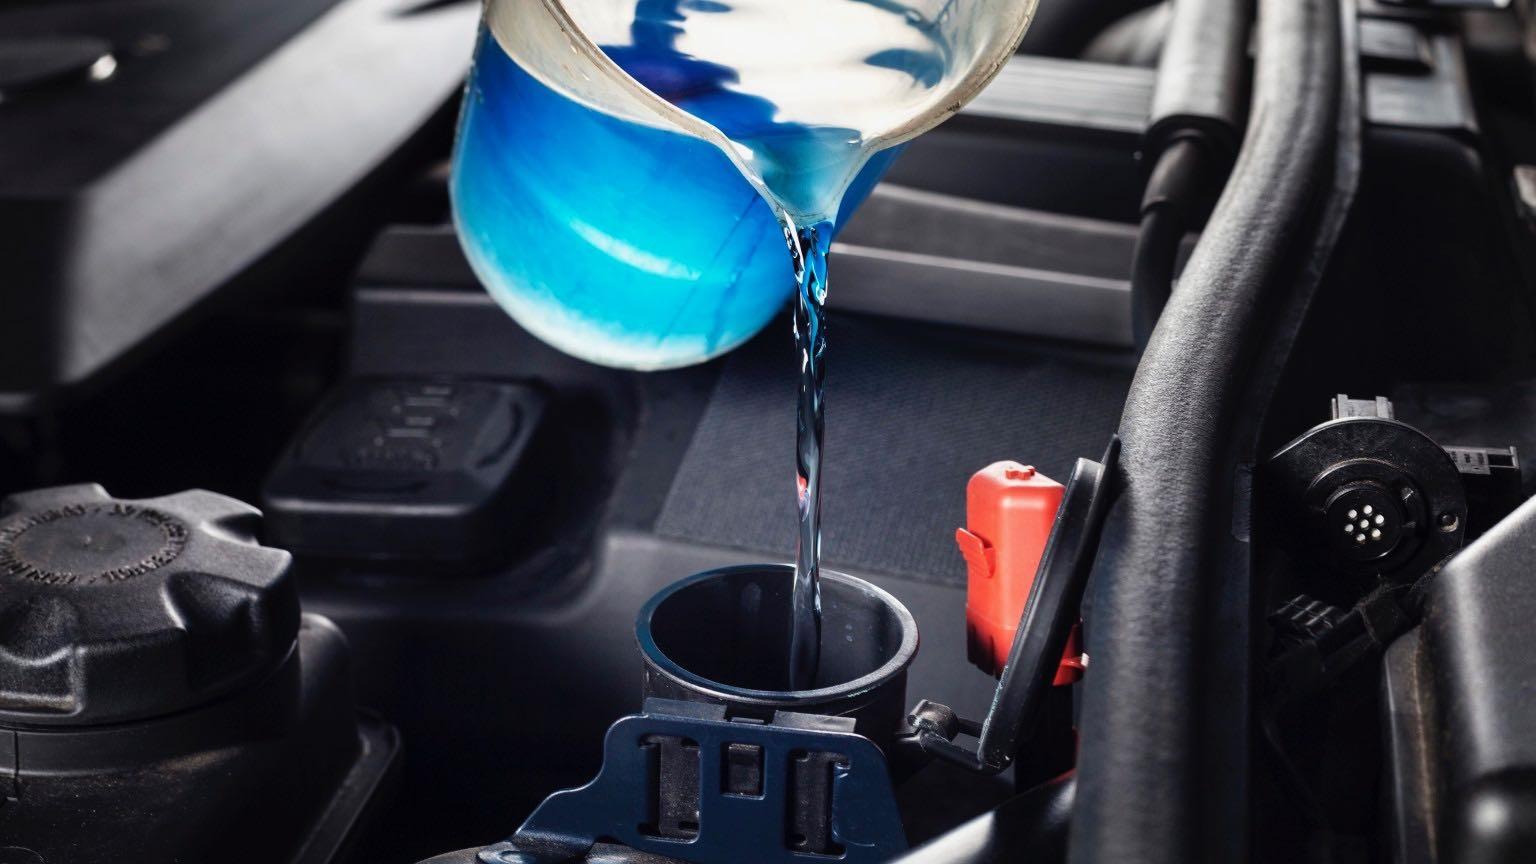 Замена охлаждающей жидкости для серии Z3 BMW